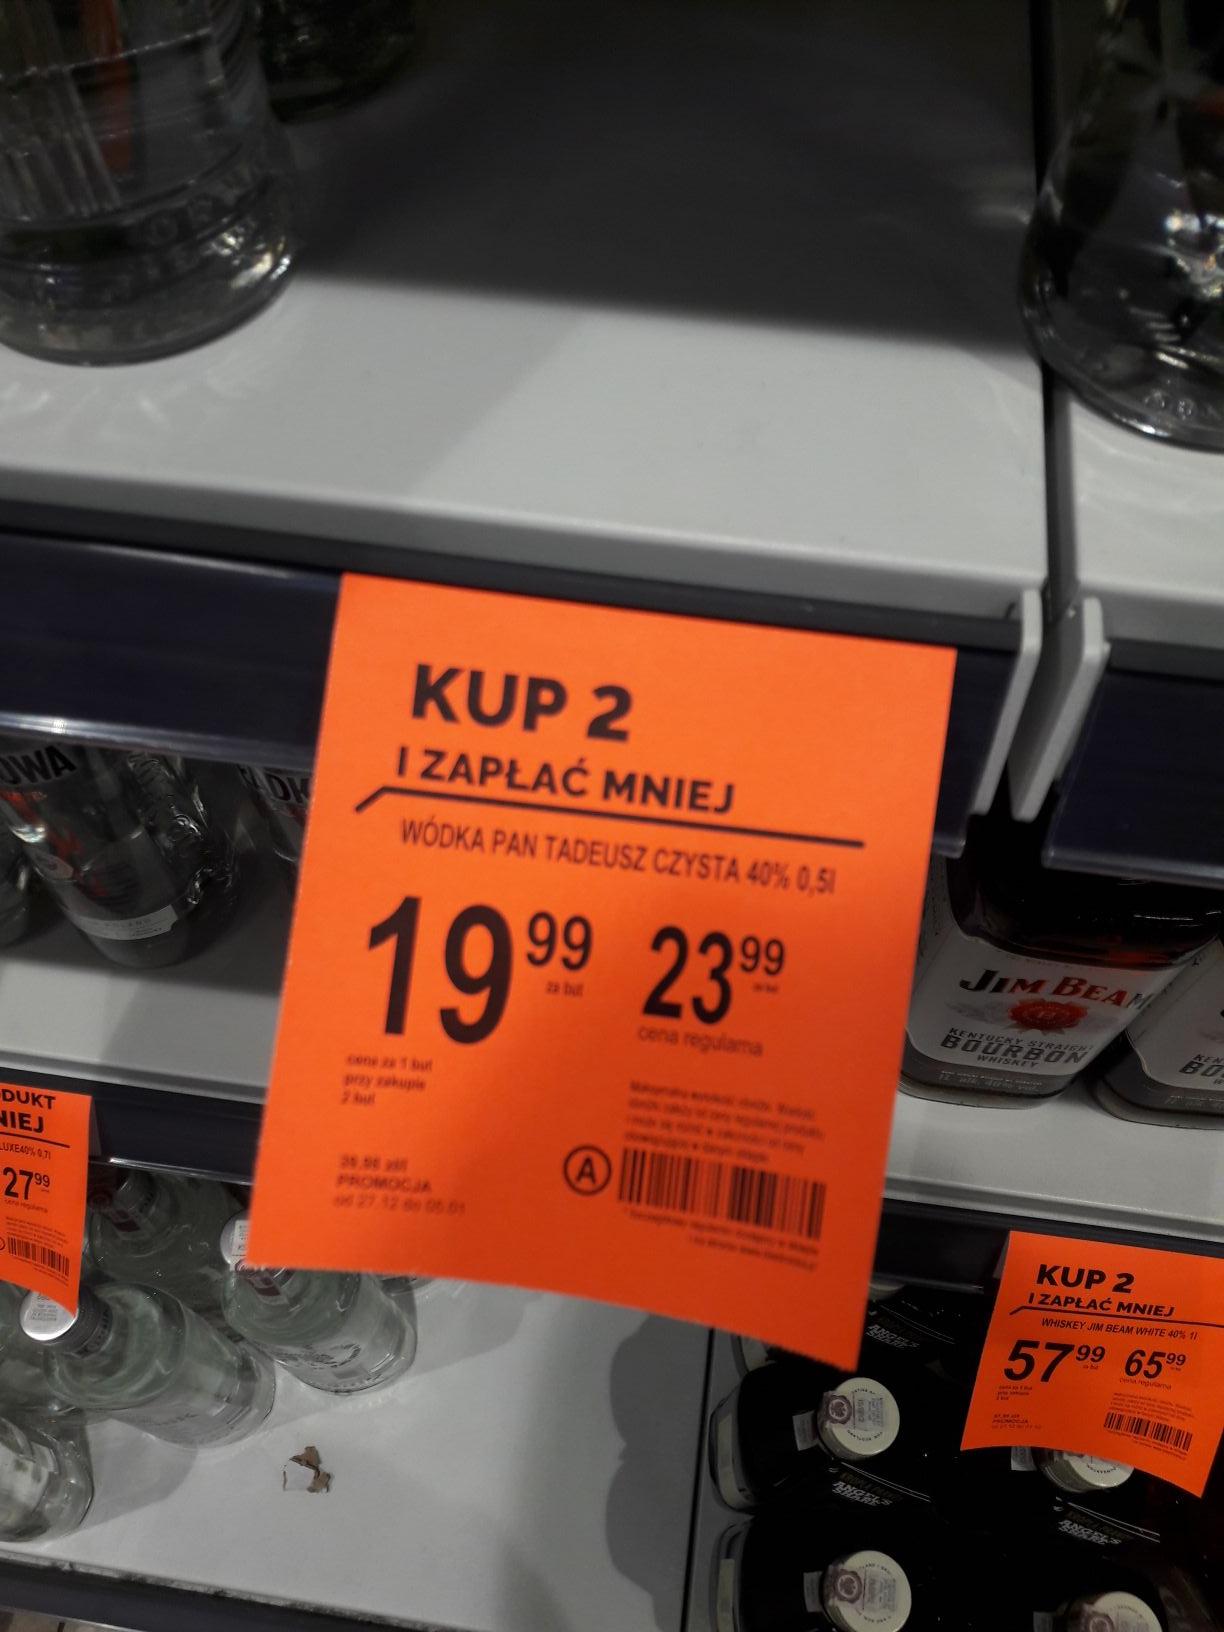 Wódka  Pan Tadeusz w dobrej cenie przy  zakupie 2 sztuk  w  Biedronce